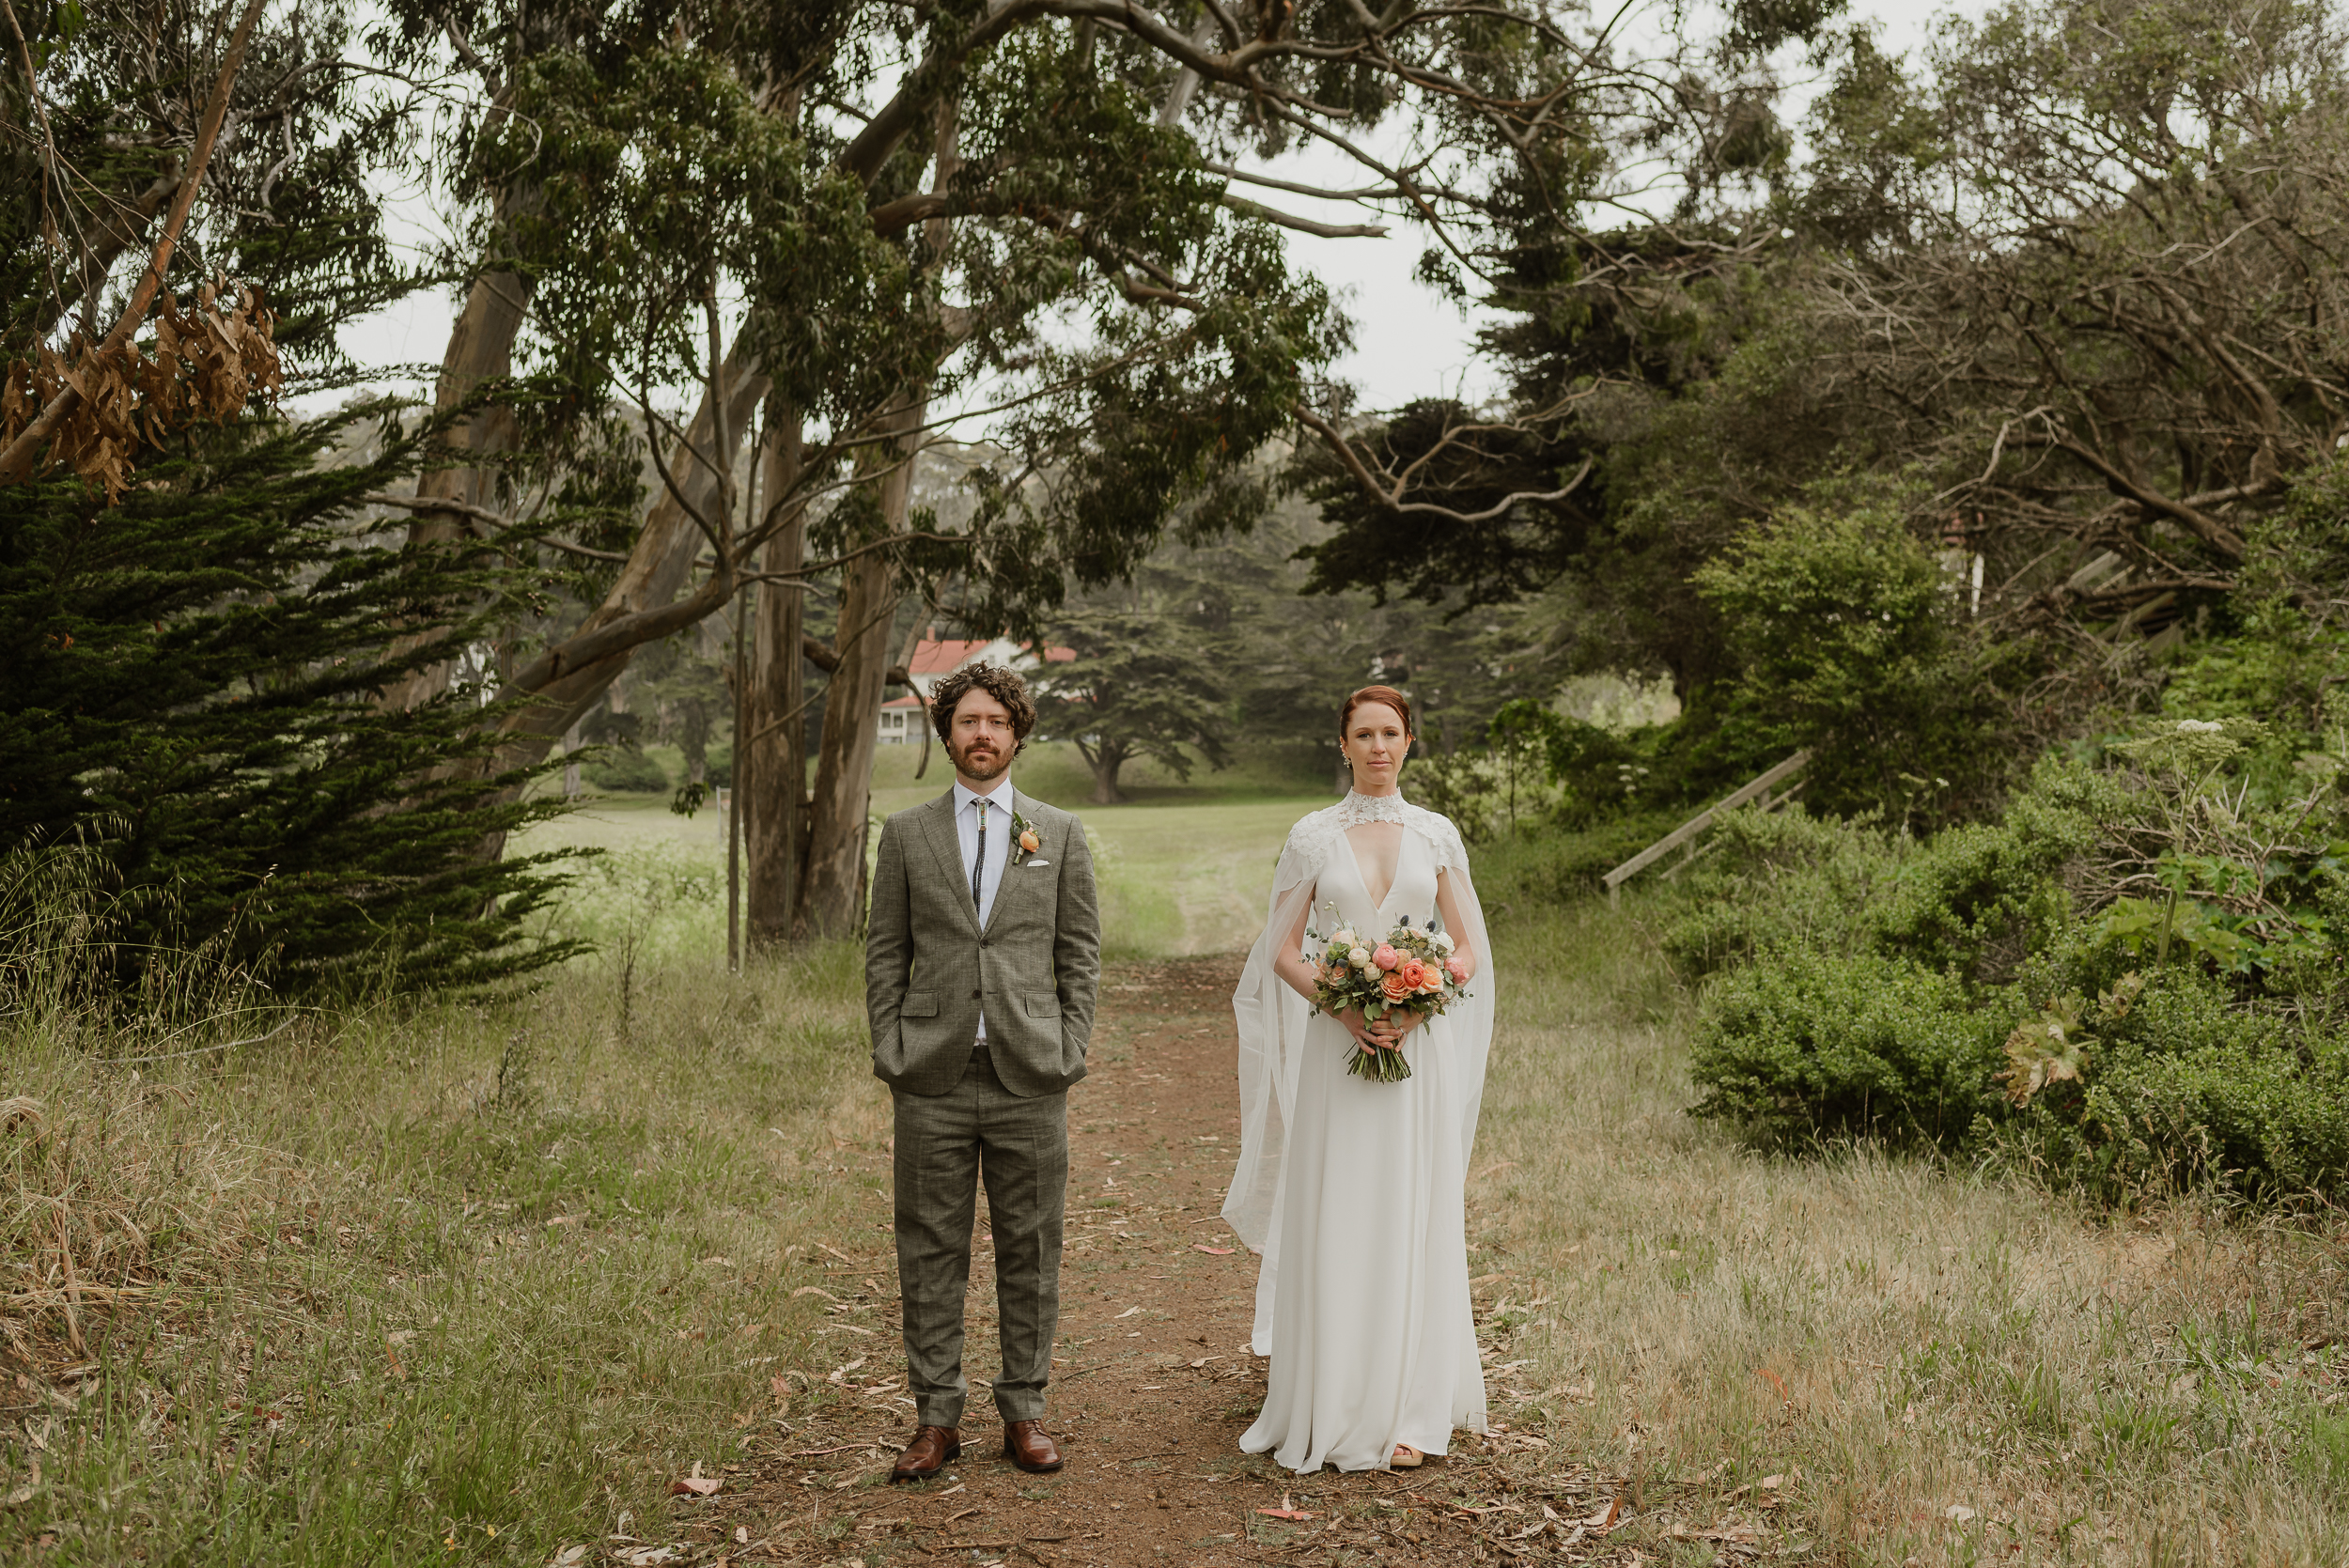 059-san-francisco-headlands-center-for-the-arts-wedding-vivianchen-347.jpg